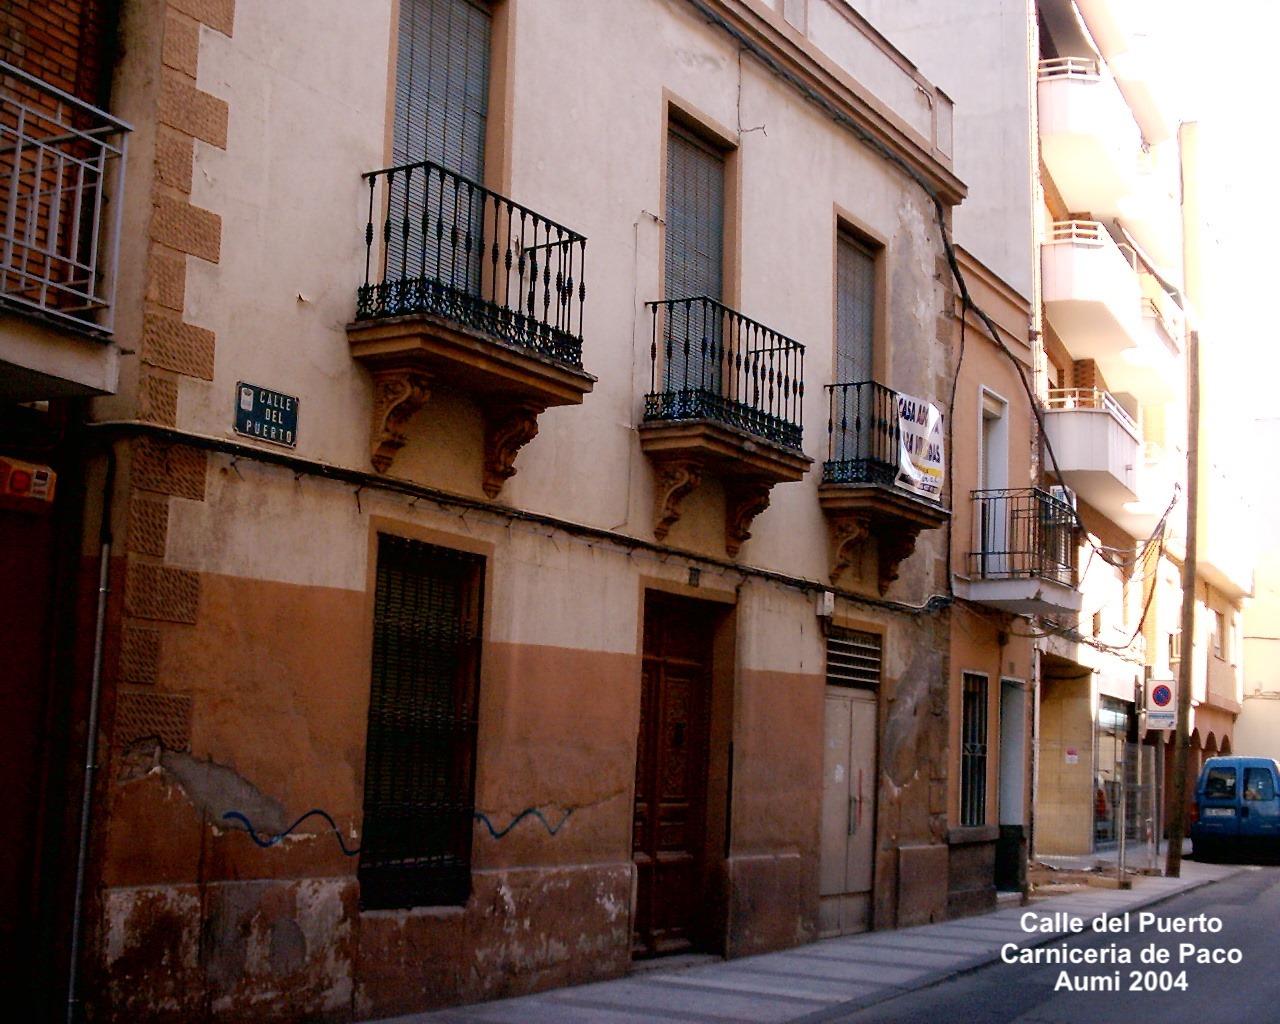 Calle del Puerto. Carnicería de Paco. Archivo Aumi 2004